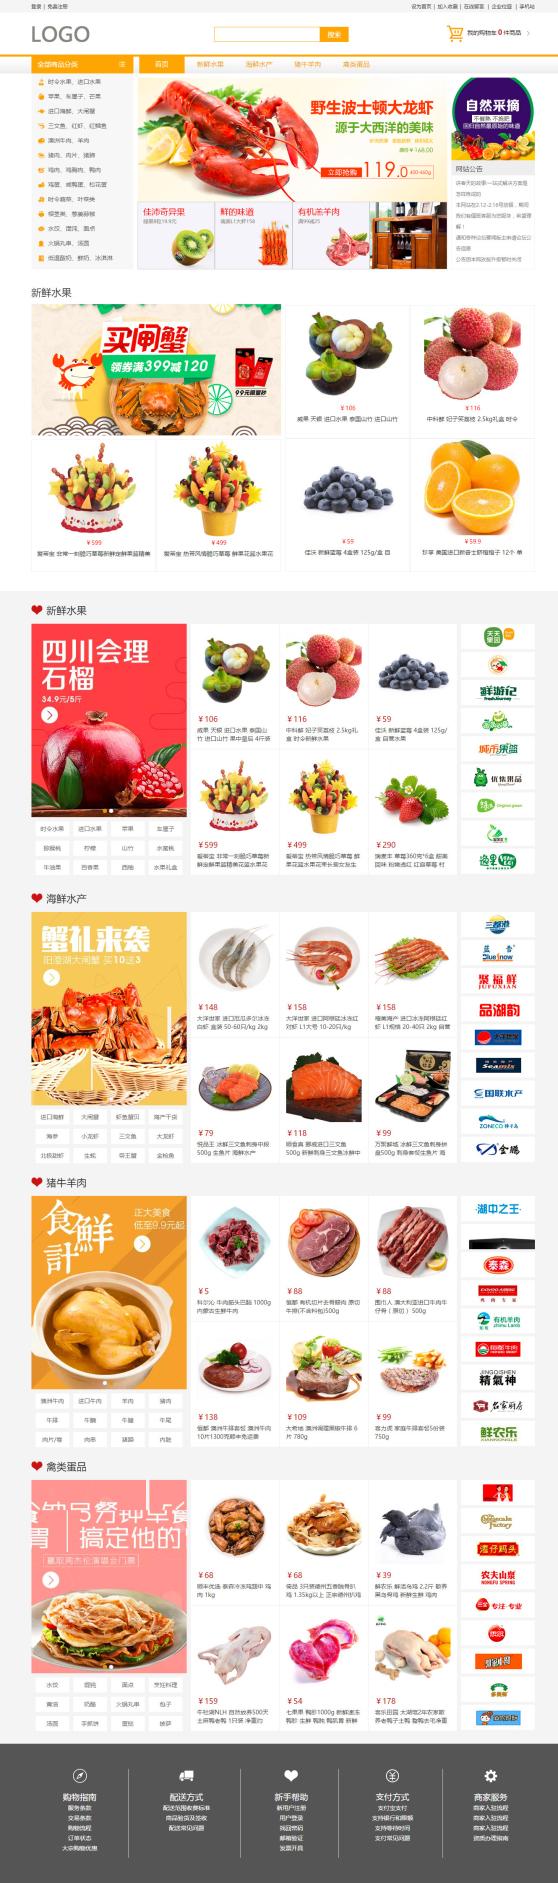 精美生鲜果疏商城网站模板